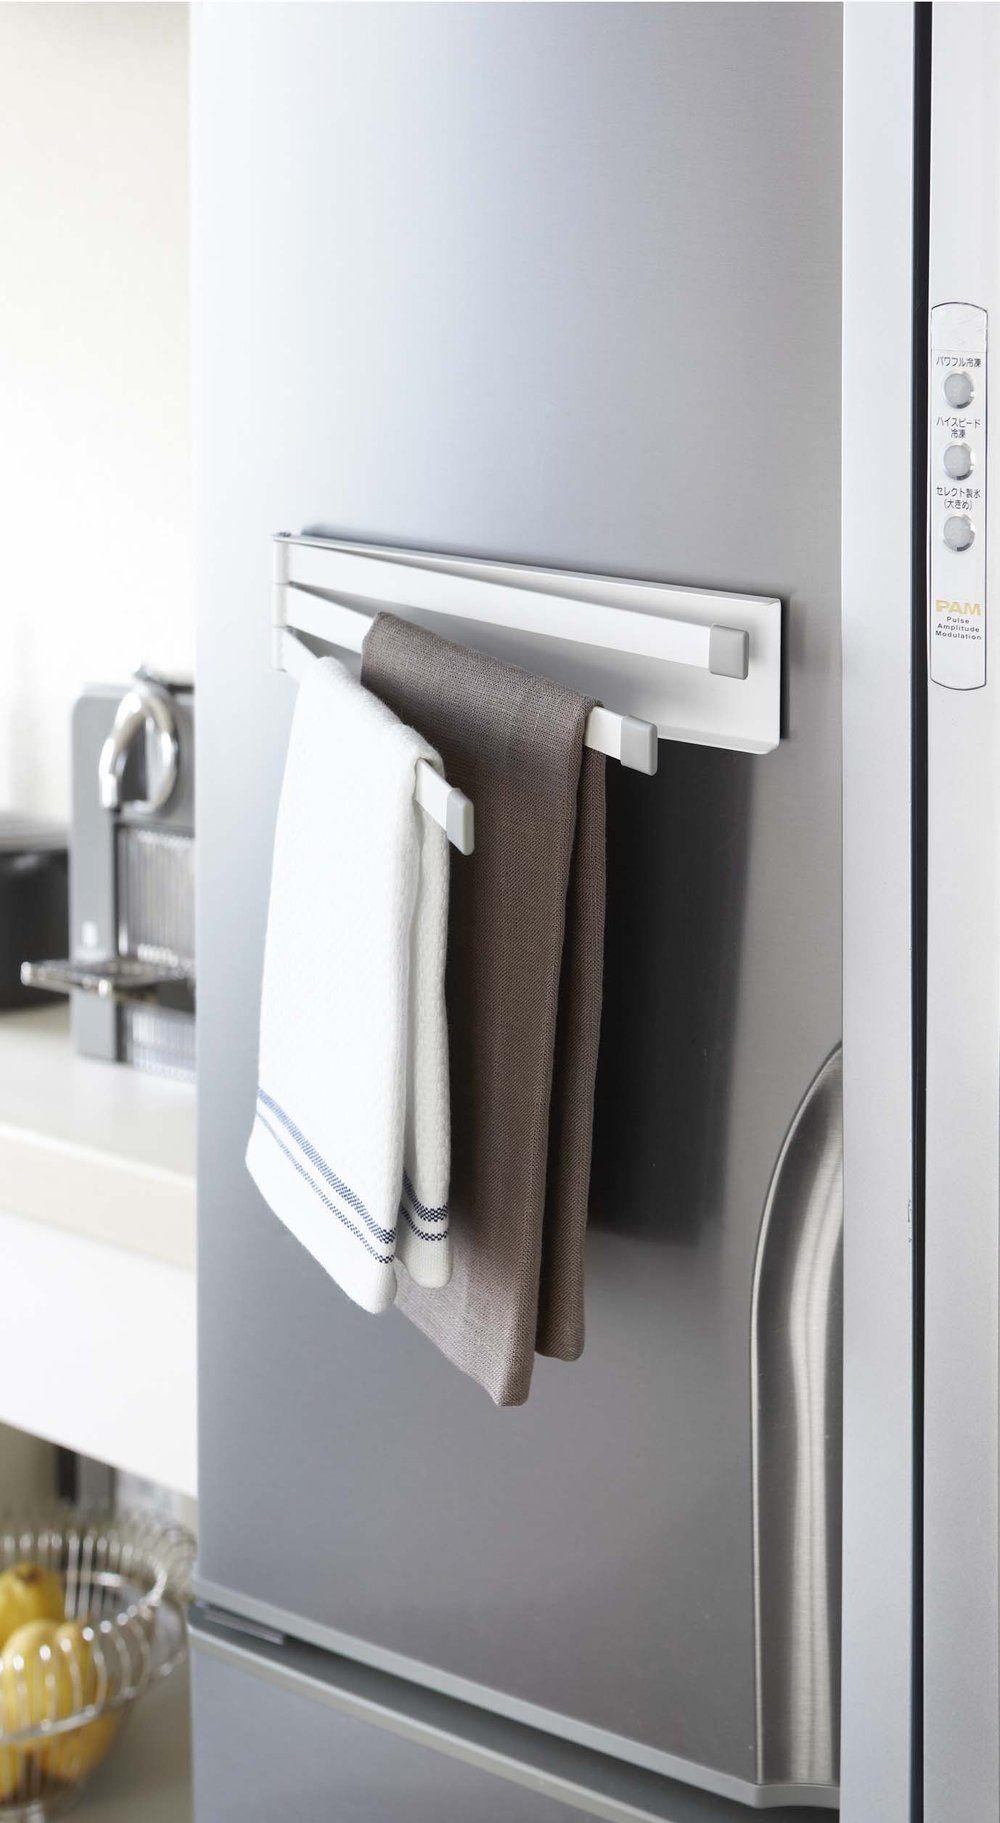 Magnet Dish Towel Hanger In 2020 Kitchen Towel Holder Towel Hanger Dish Towels